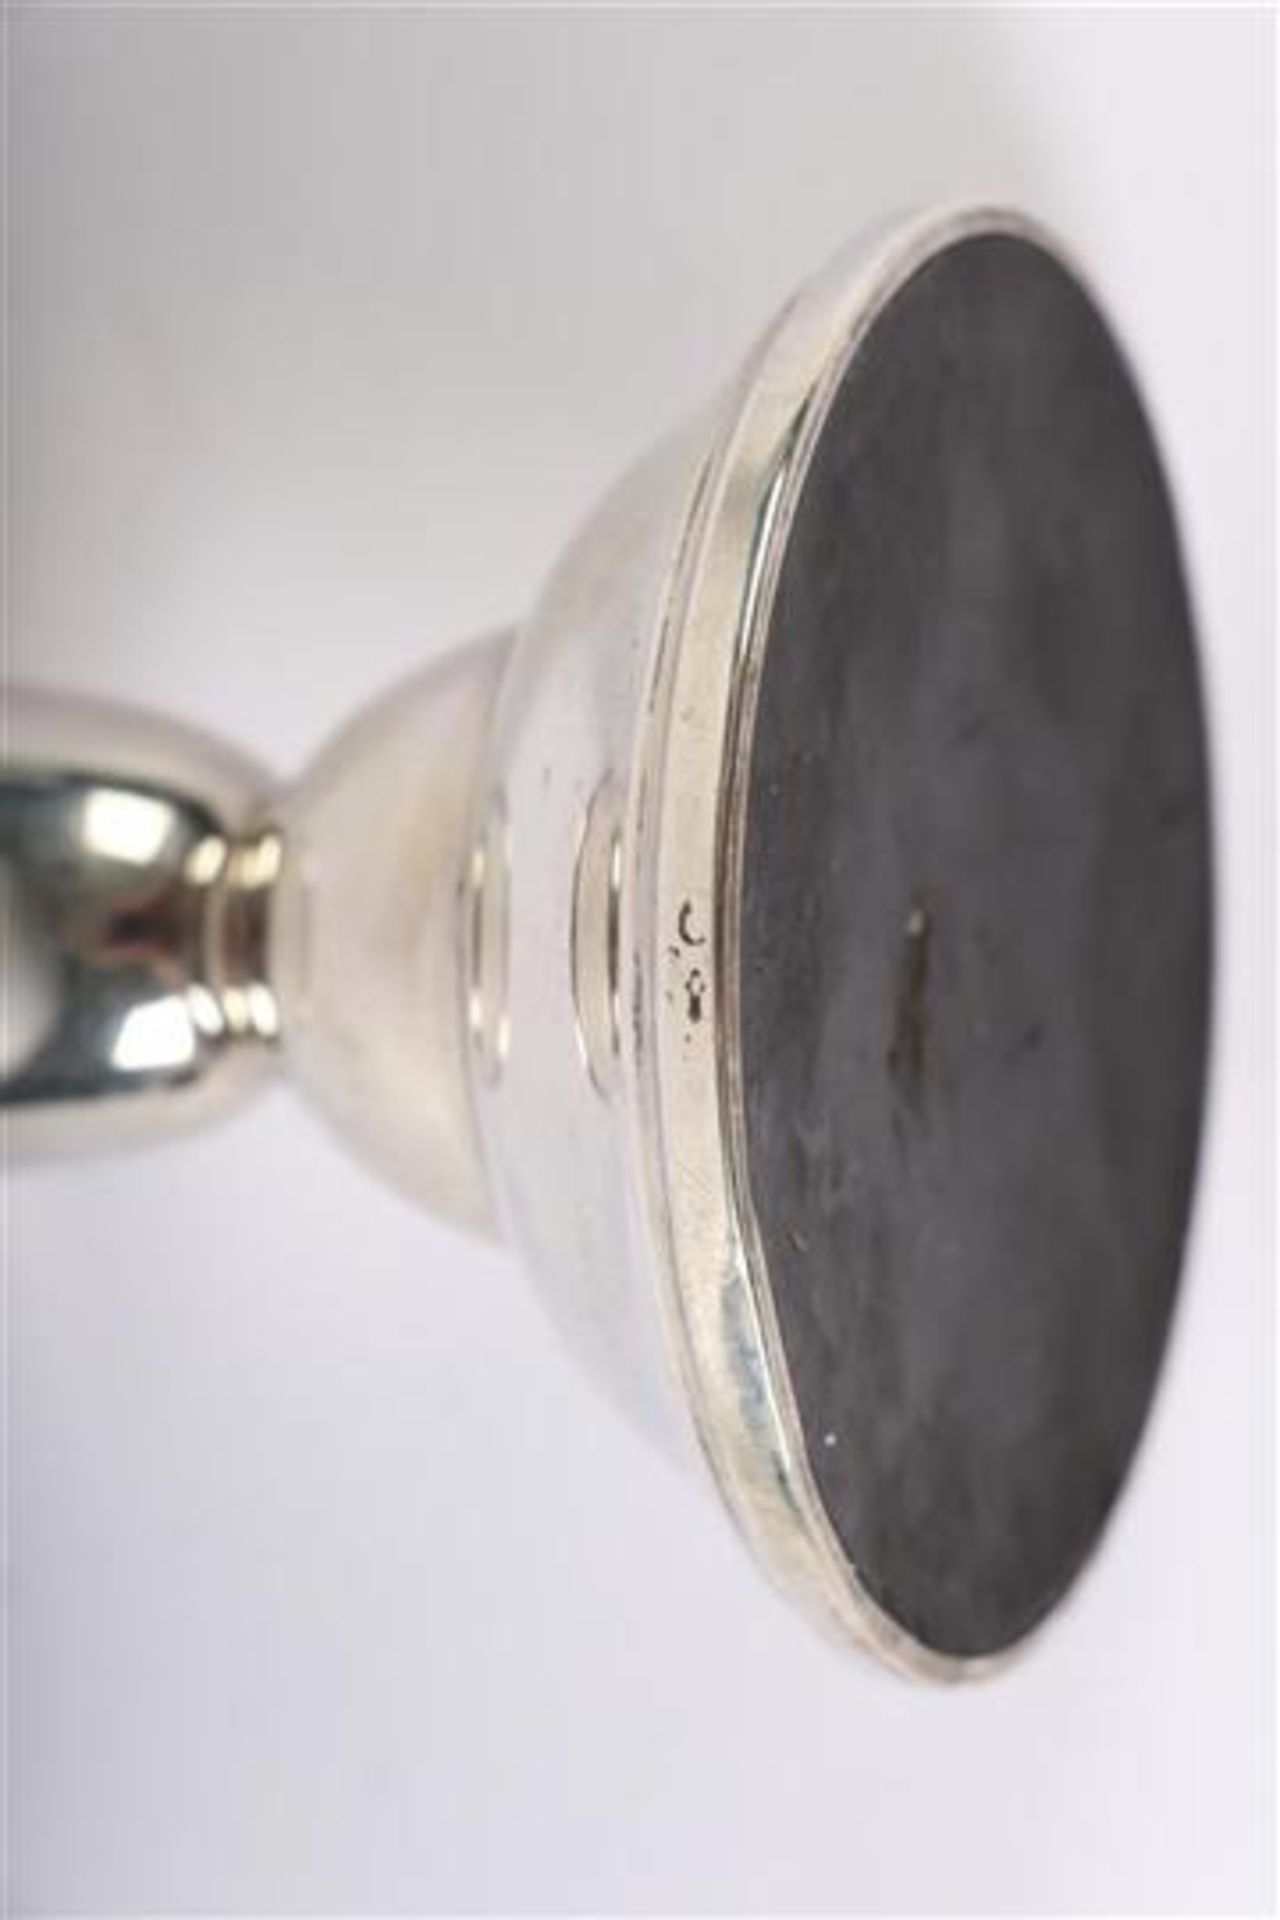 Los 52 - Stel zilveren kandelaartjes, Hollands gekeurd. H: 7 cm.